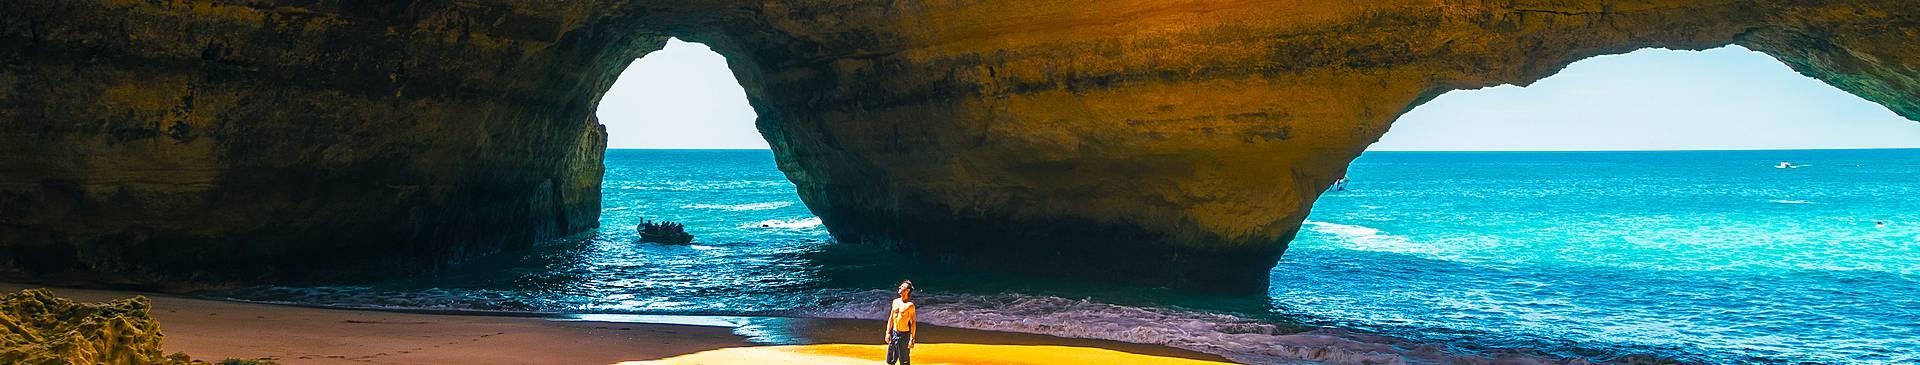 Voyage plage au Portugal